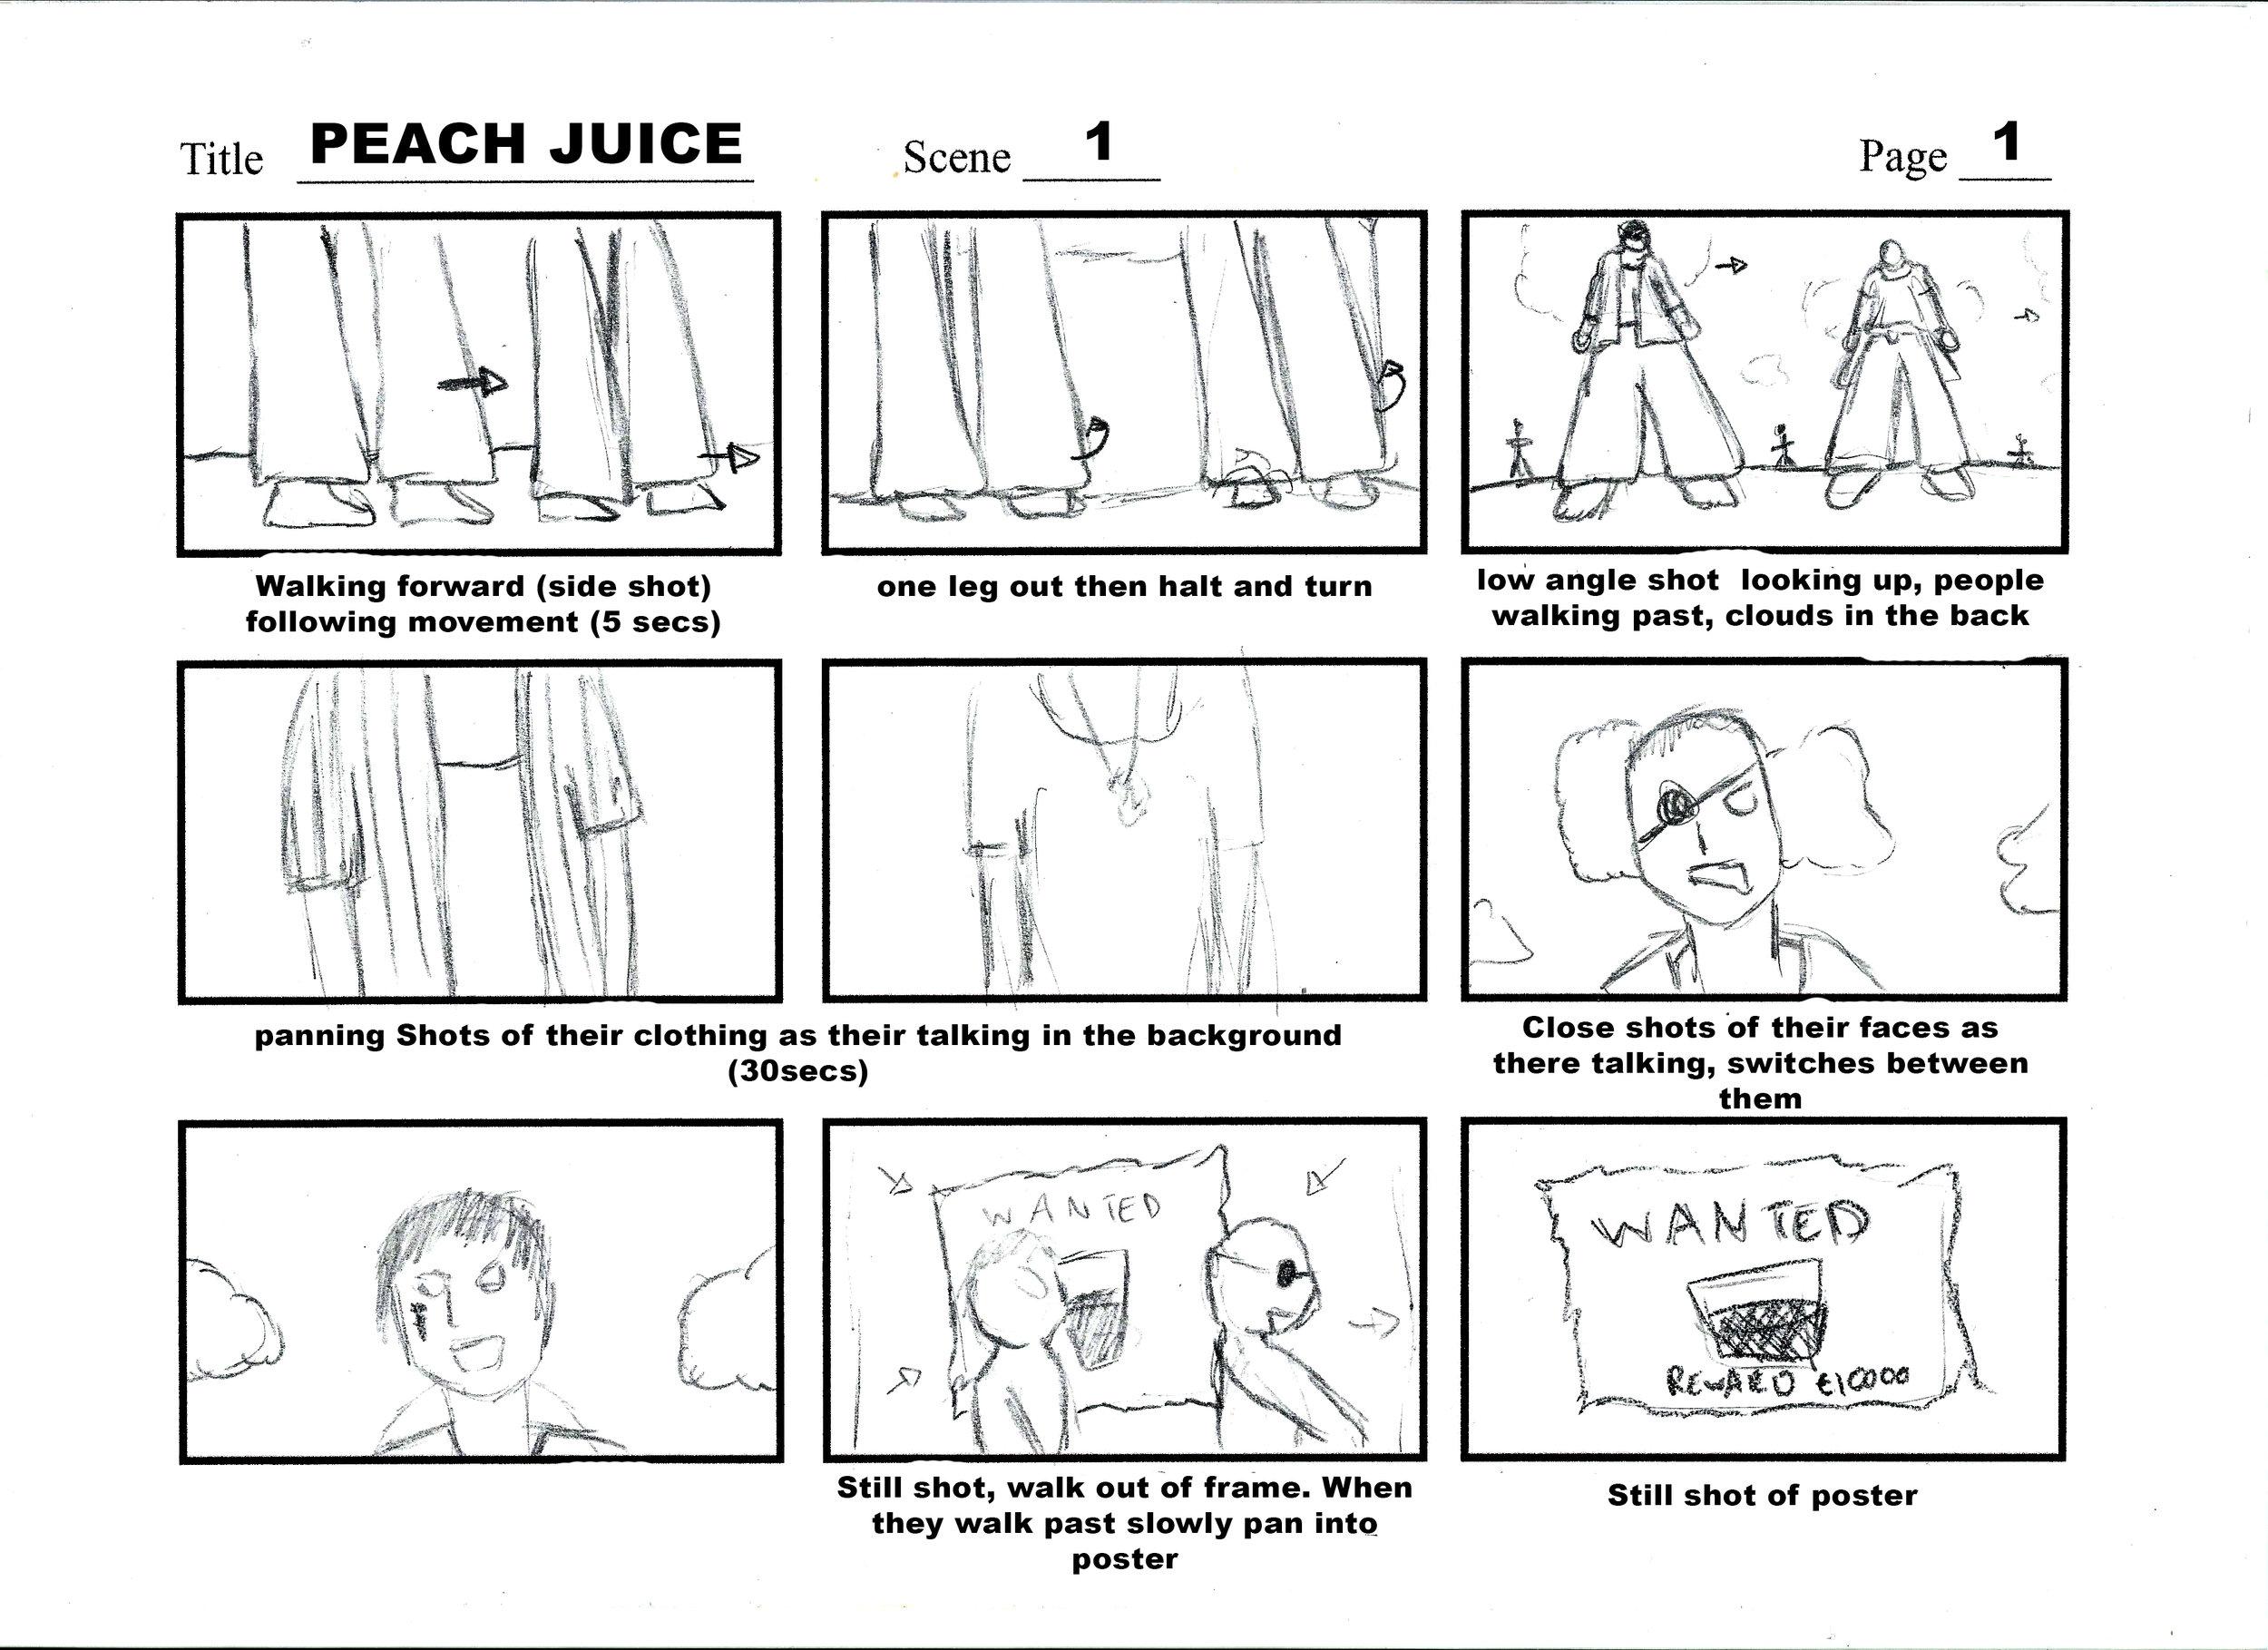 peach juice storyboard1.jpg